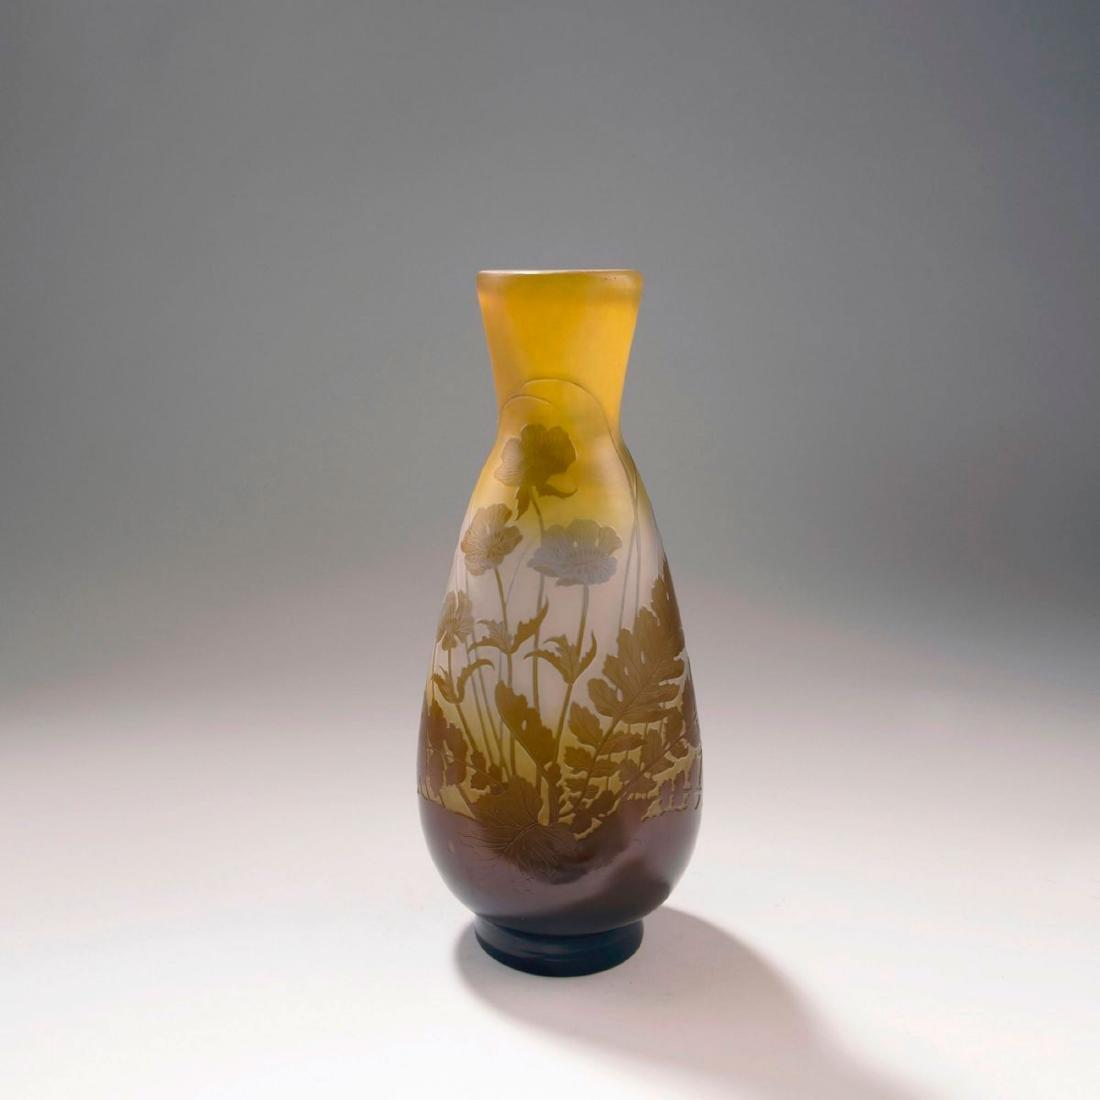 'Geraniums' vase, 1908-18